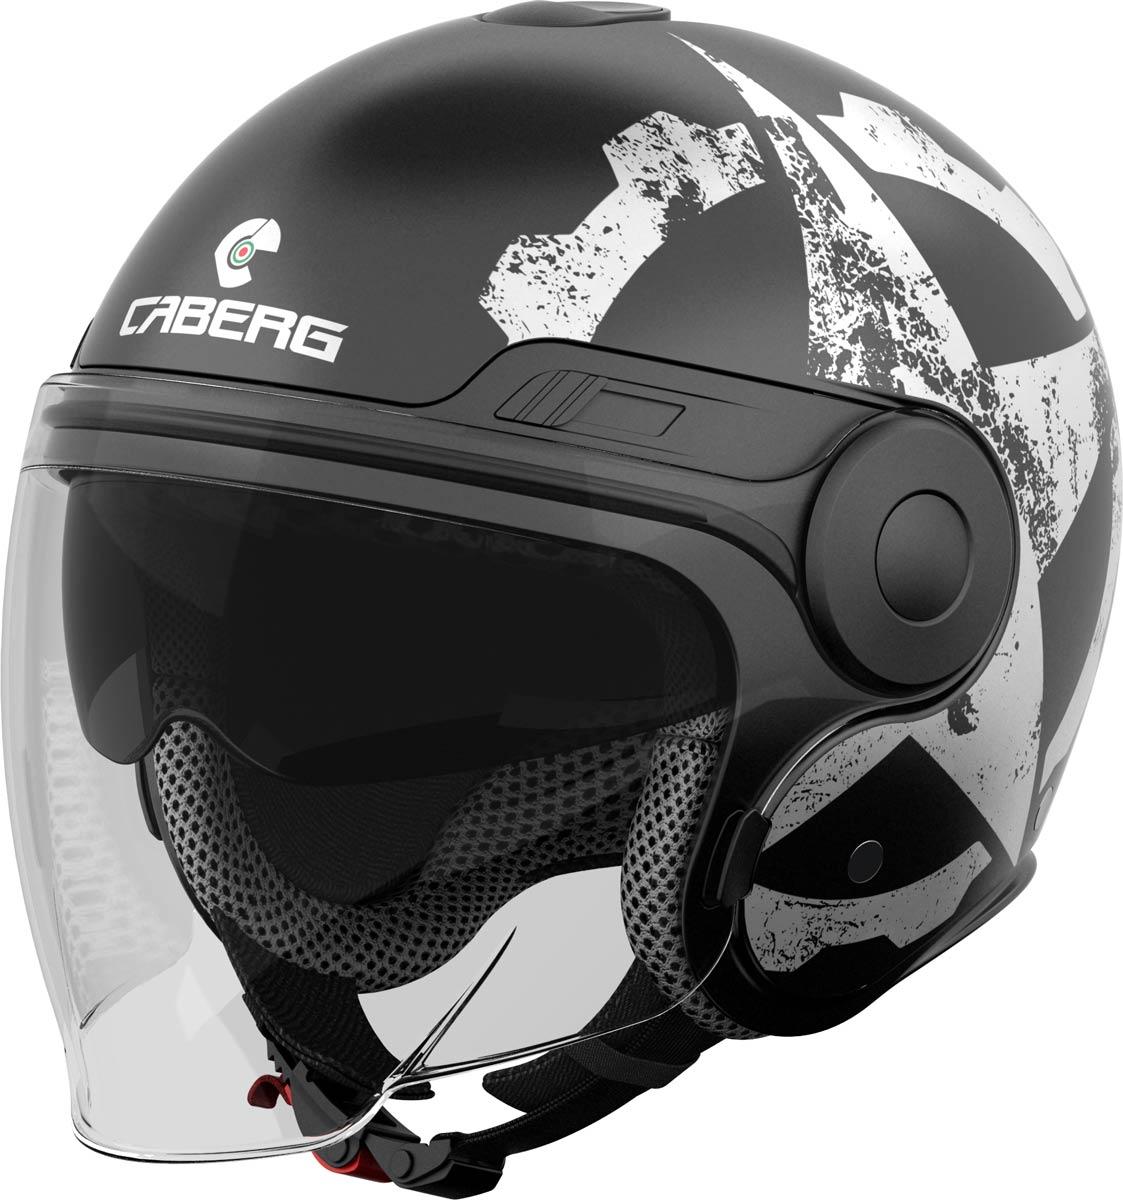 Ne pas acheter de casque jet quand on circule à moto